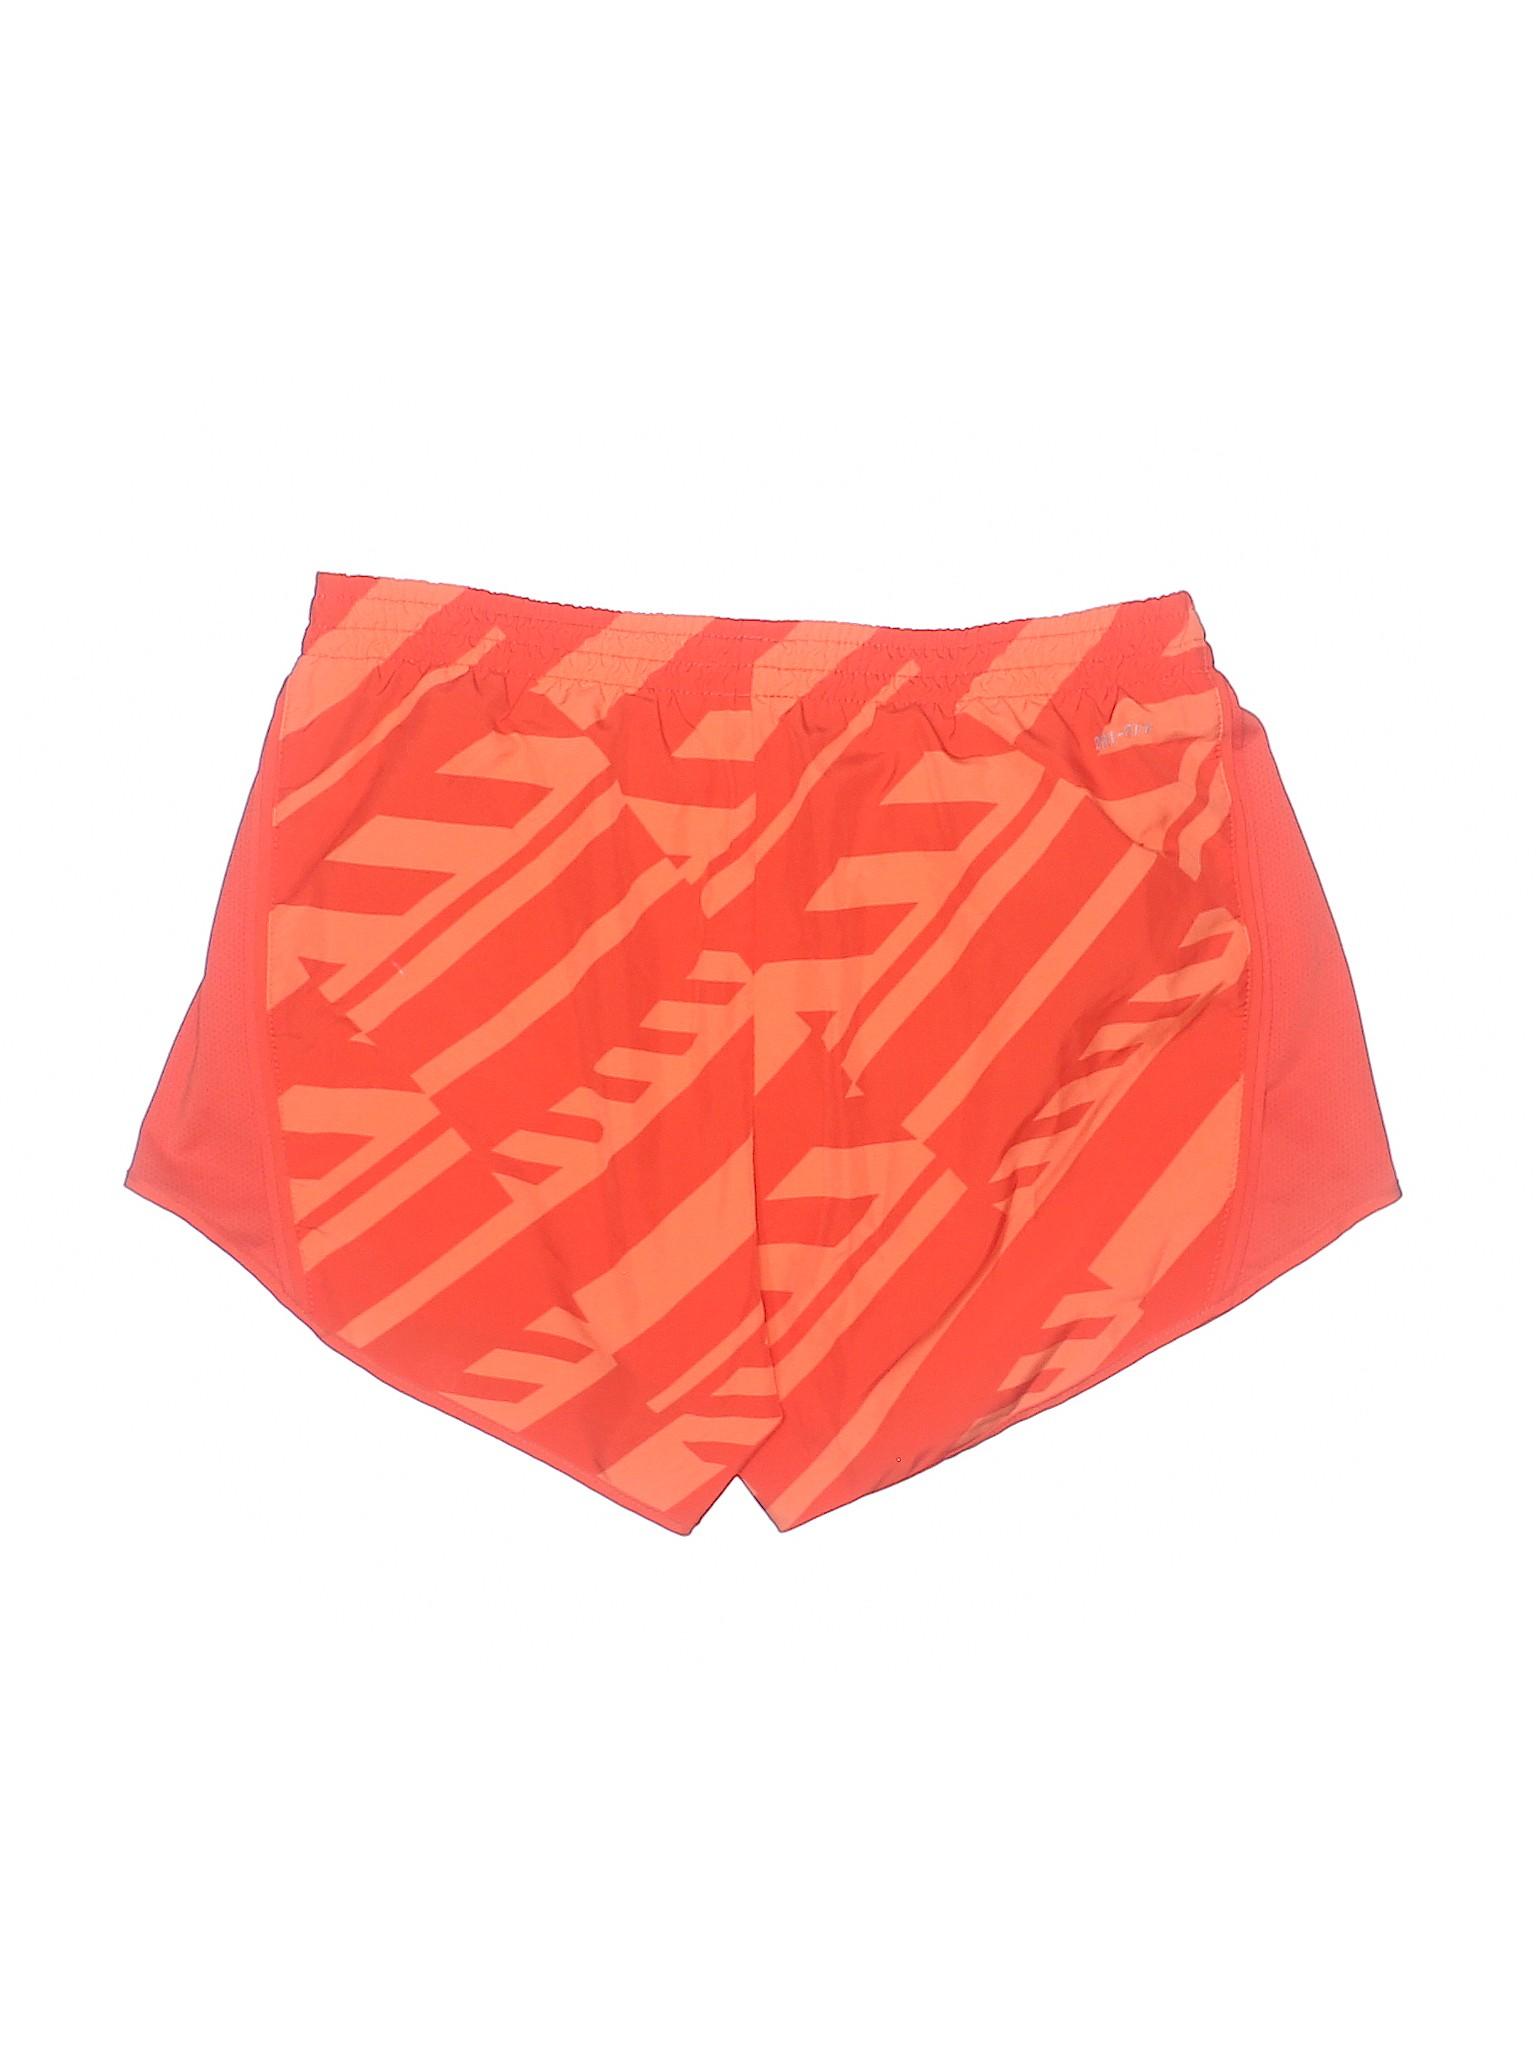 Boutique leisure Athletic Boutique Shorts Nike leisure r6dwrZRq